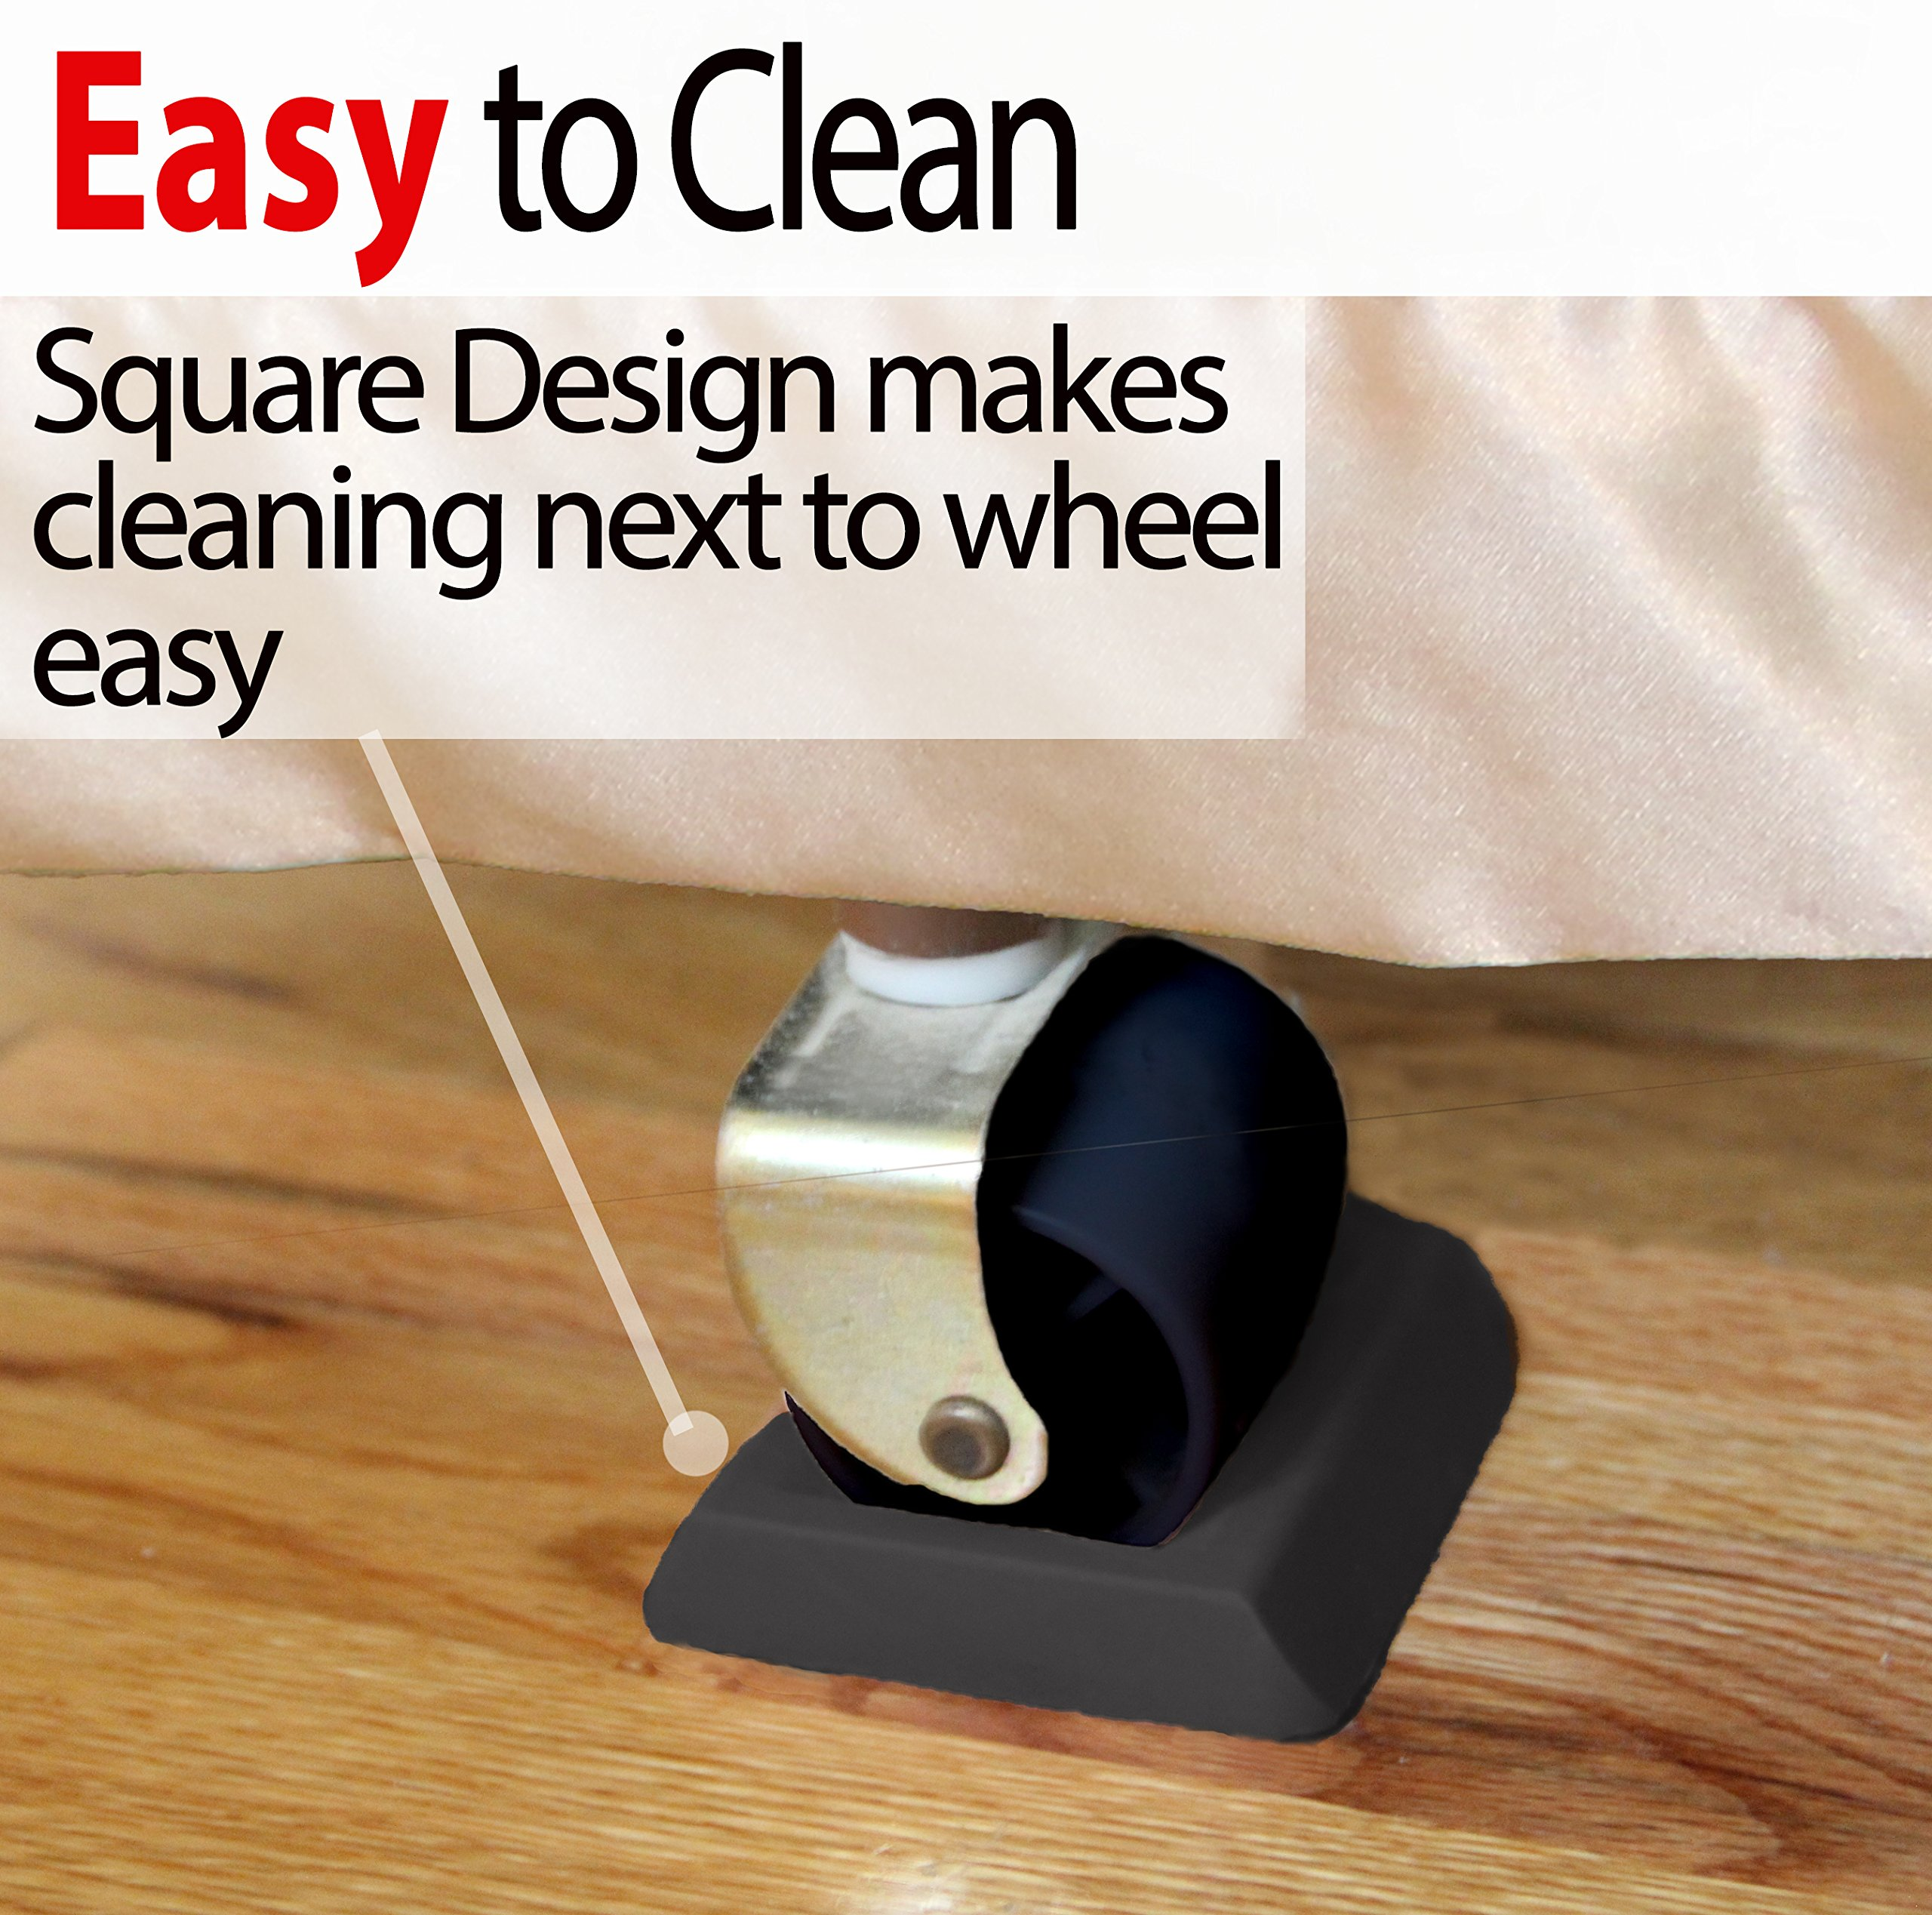 Iprimio Bed Stopper Furniture Stopper U2013 Black Ergo Designed Caster Cups  Fits 818297020485 | EBay